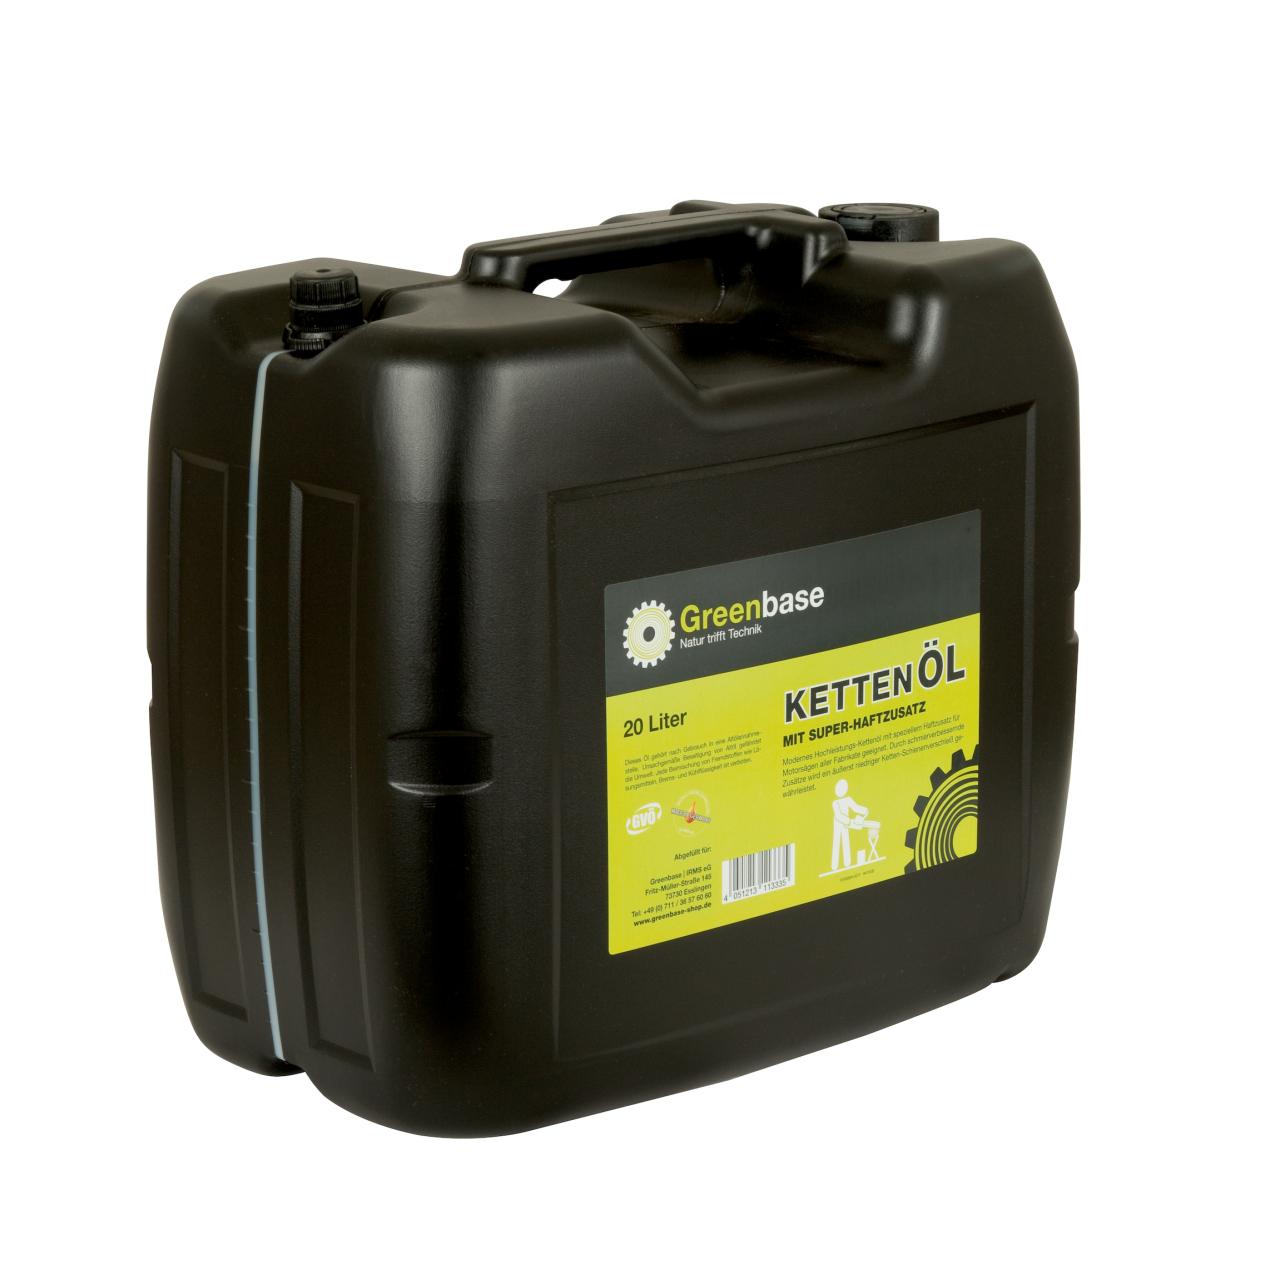 Kettenöl H 20 Liter Kanne